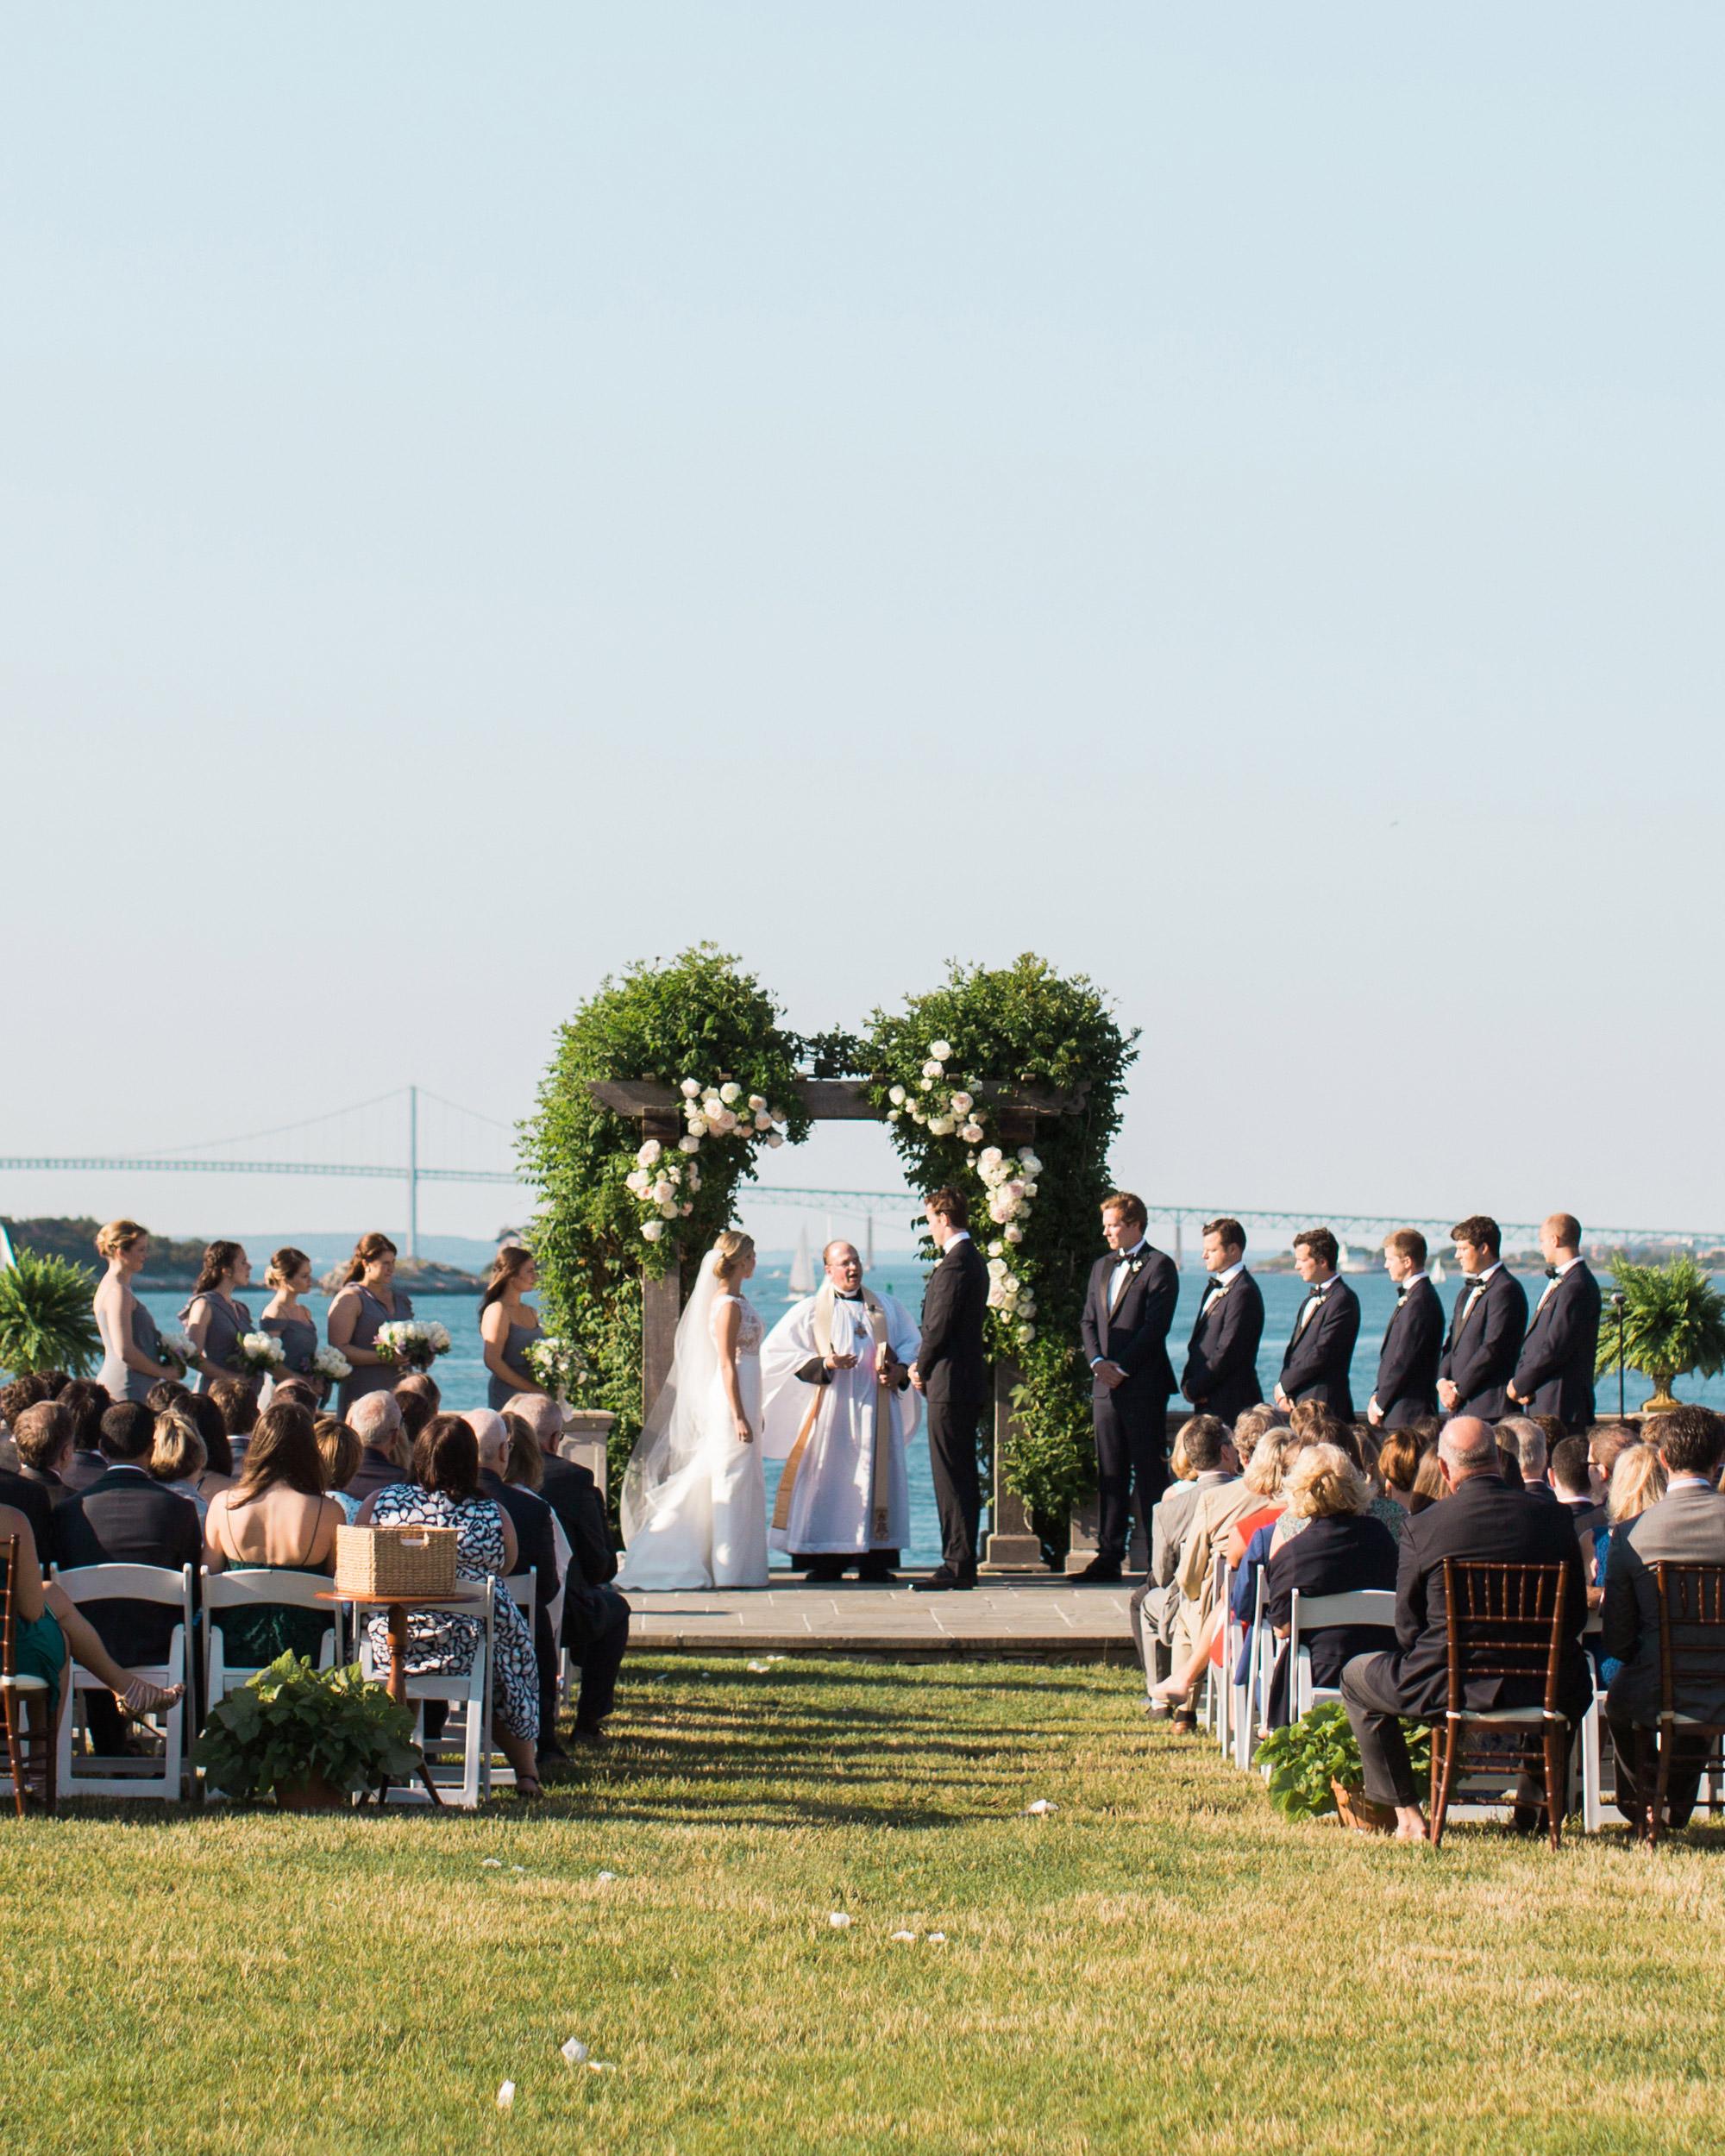 castle_hill_inn_wedding_photos_044.jpg